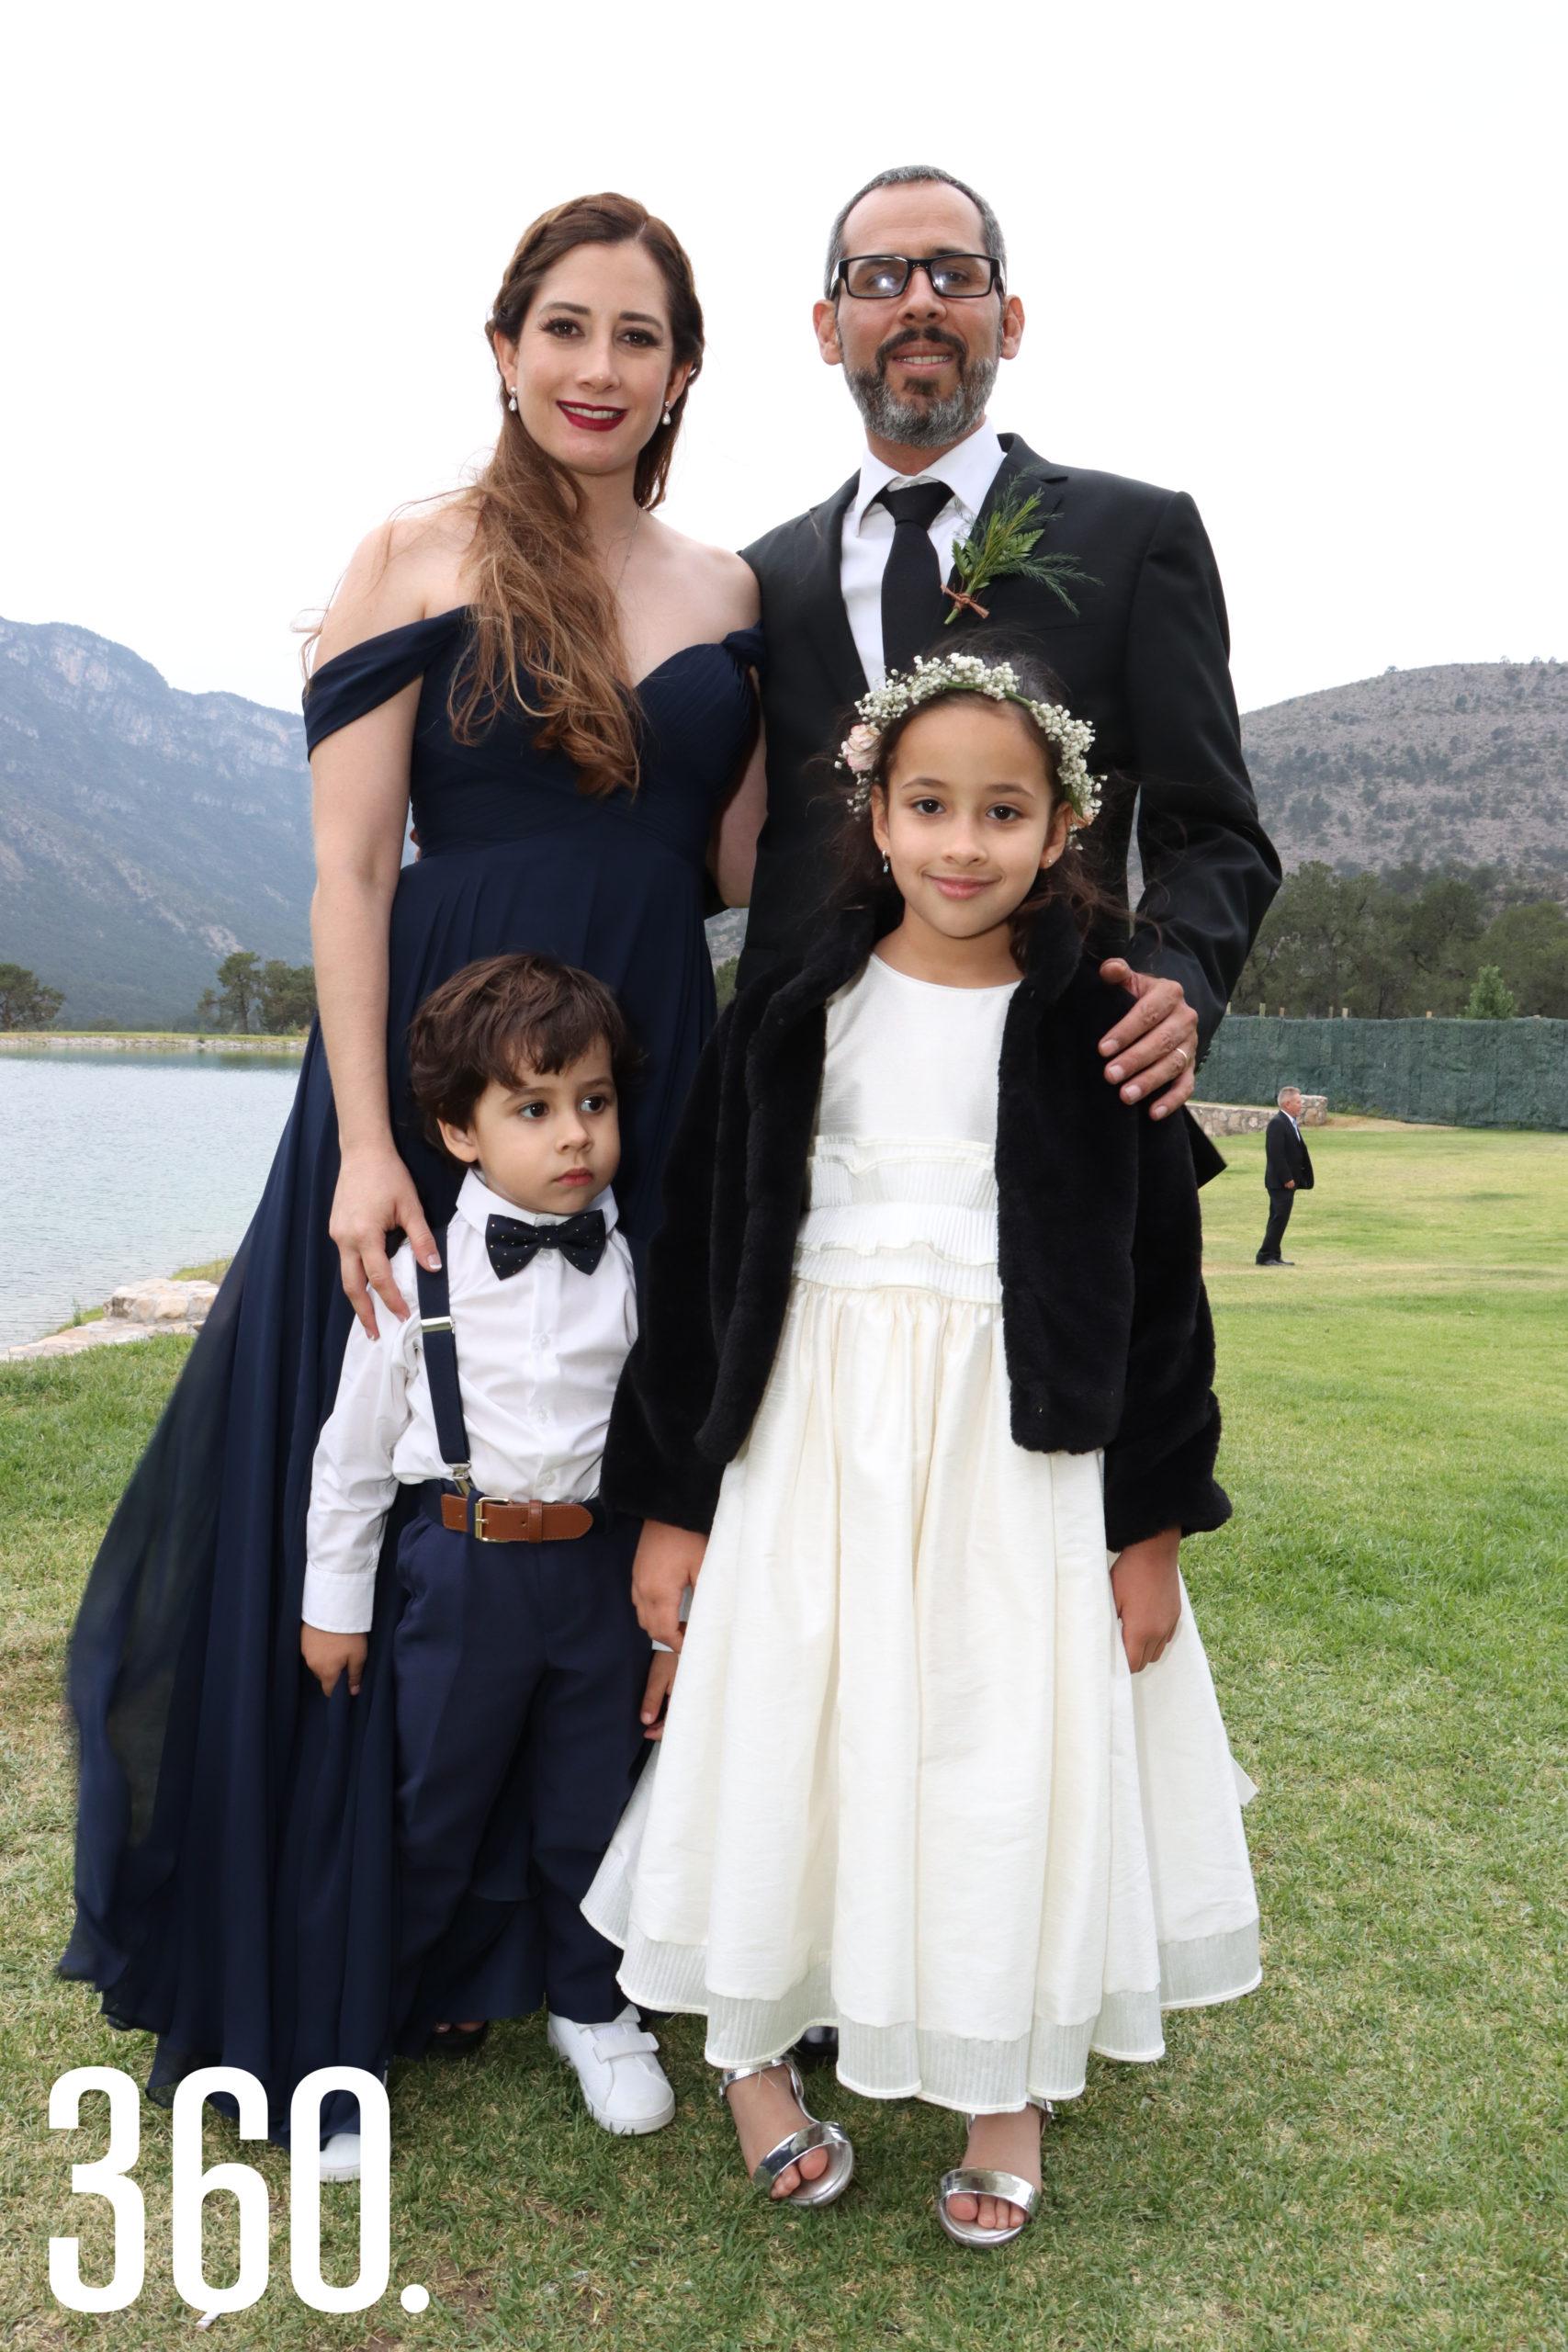 Tammy Elizondo y Rogelio Guajardo con sus hijos, Rogelio y Tammy, fueron los padrinos de arras.